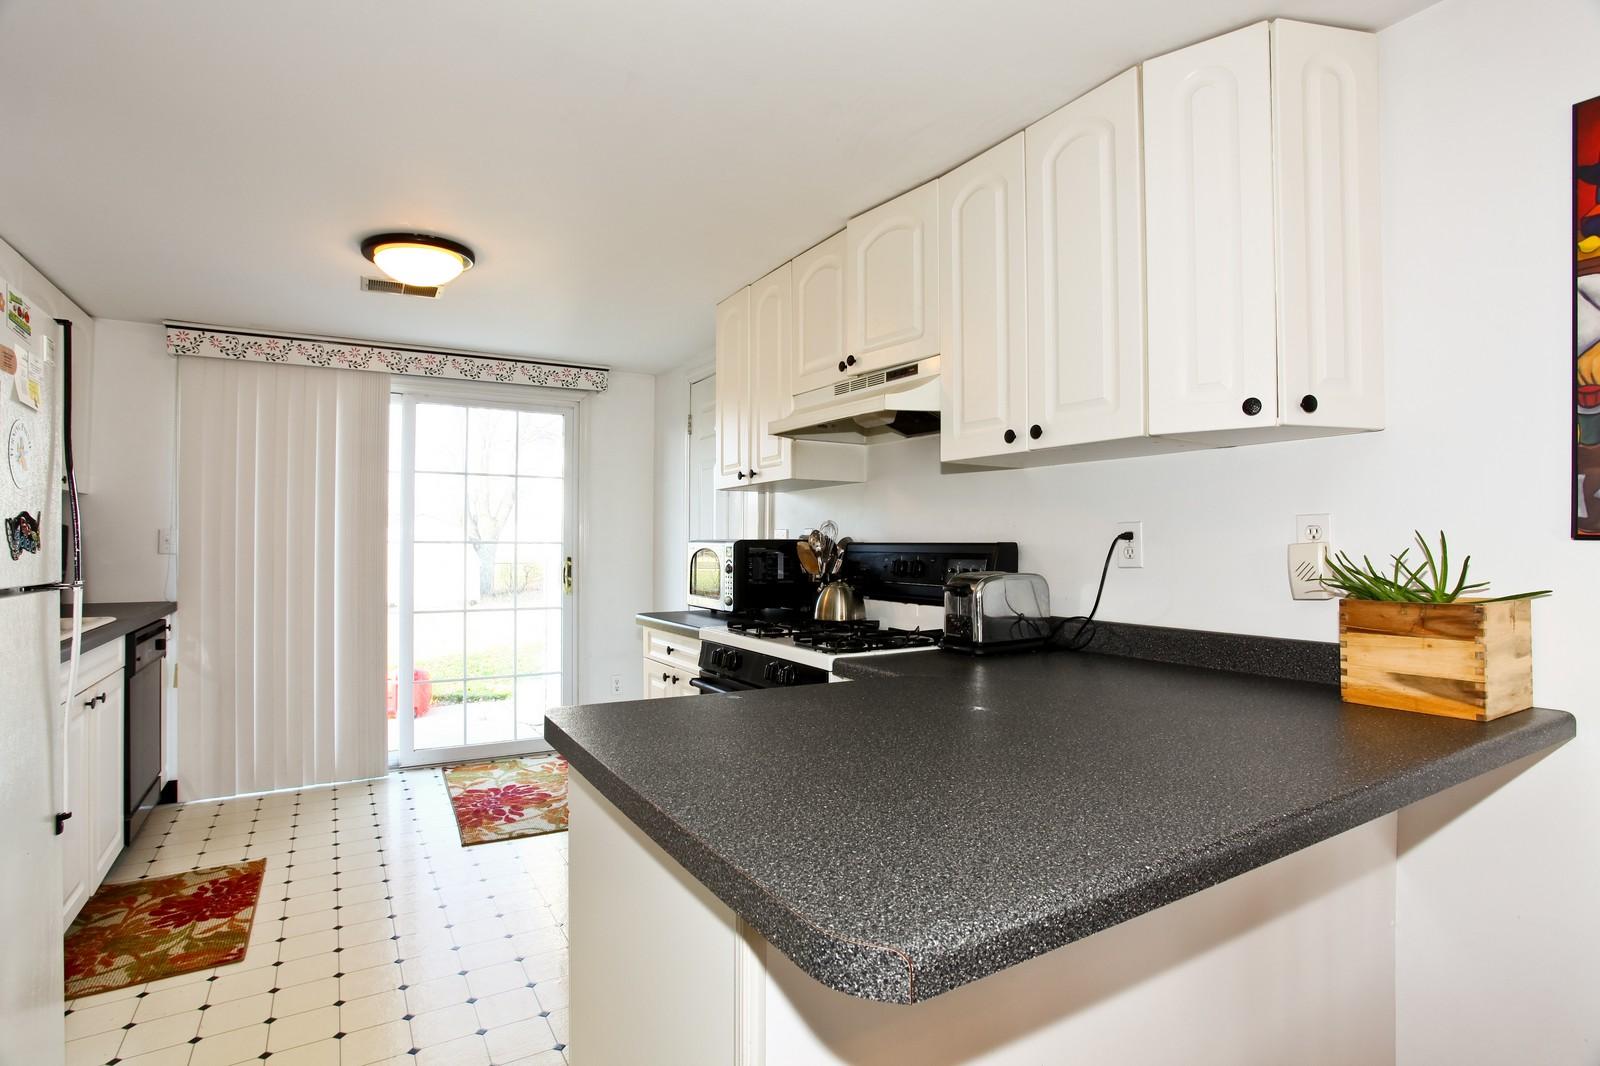 Real Estate Photography - 929 Seaman, Dekalb, IL, 60115 - Kitchen